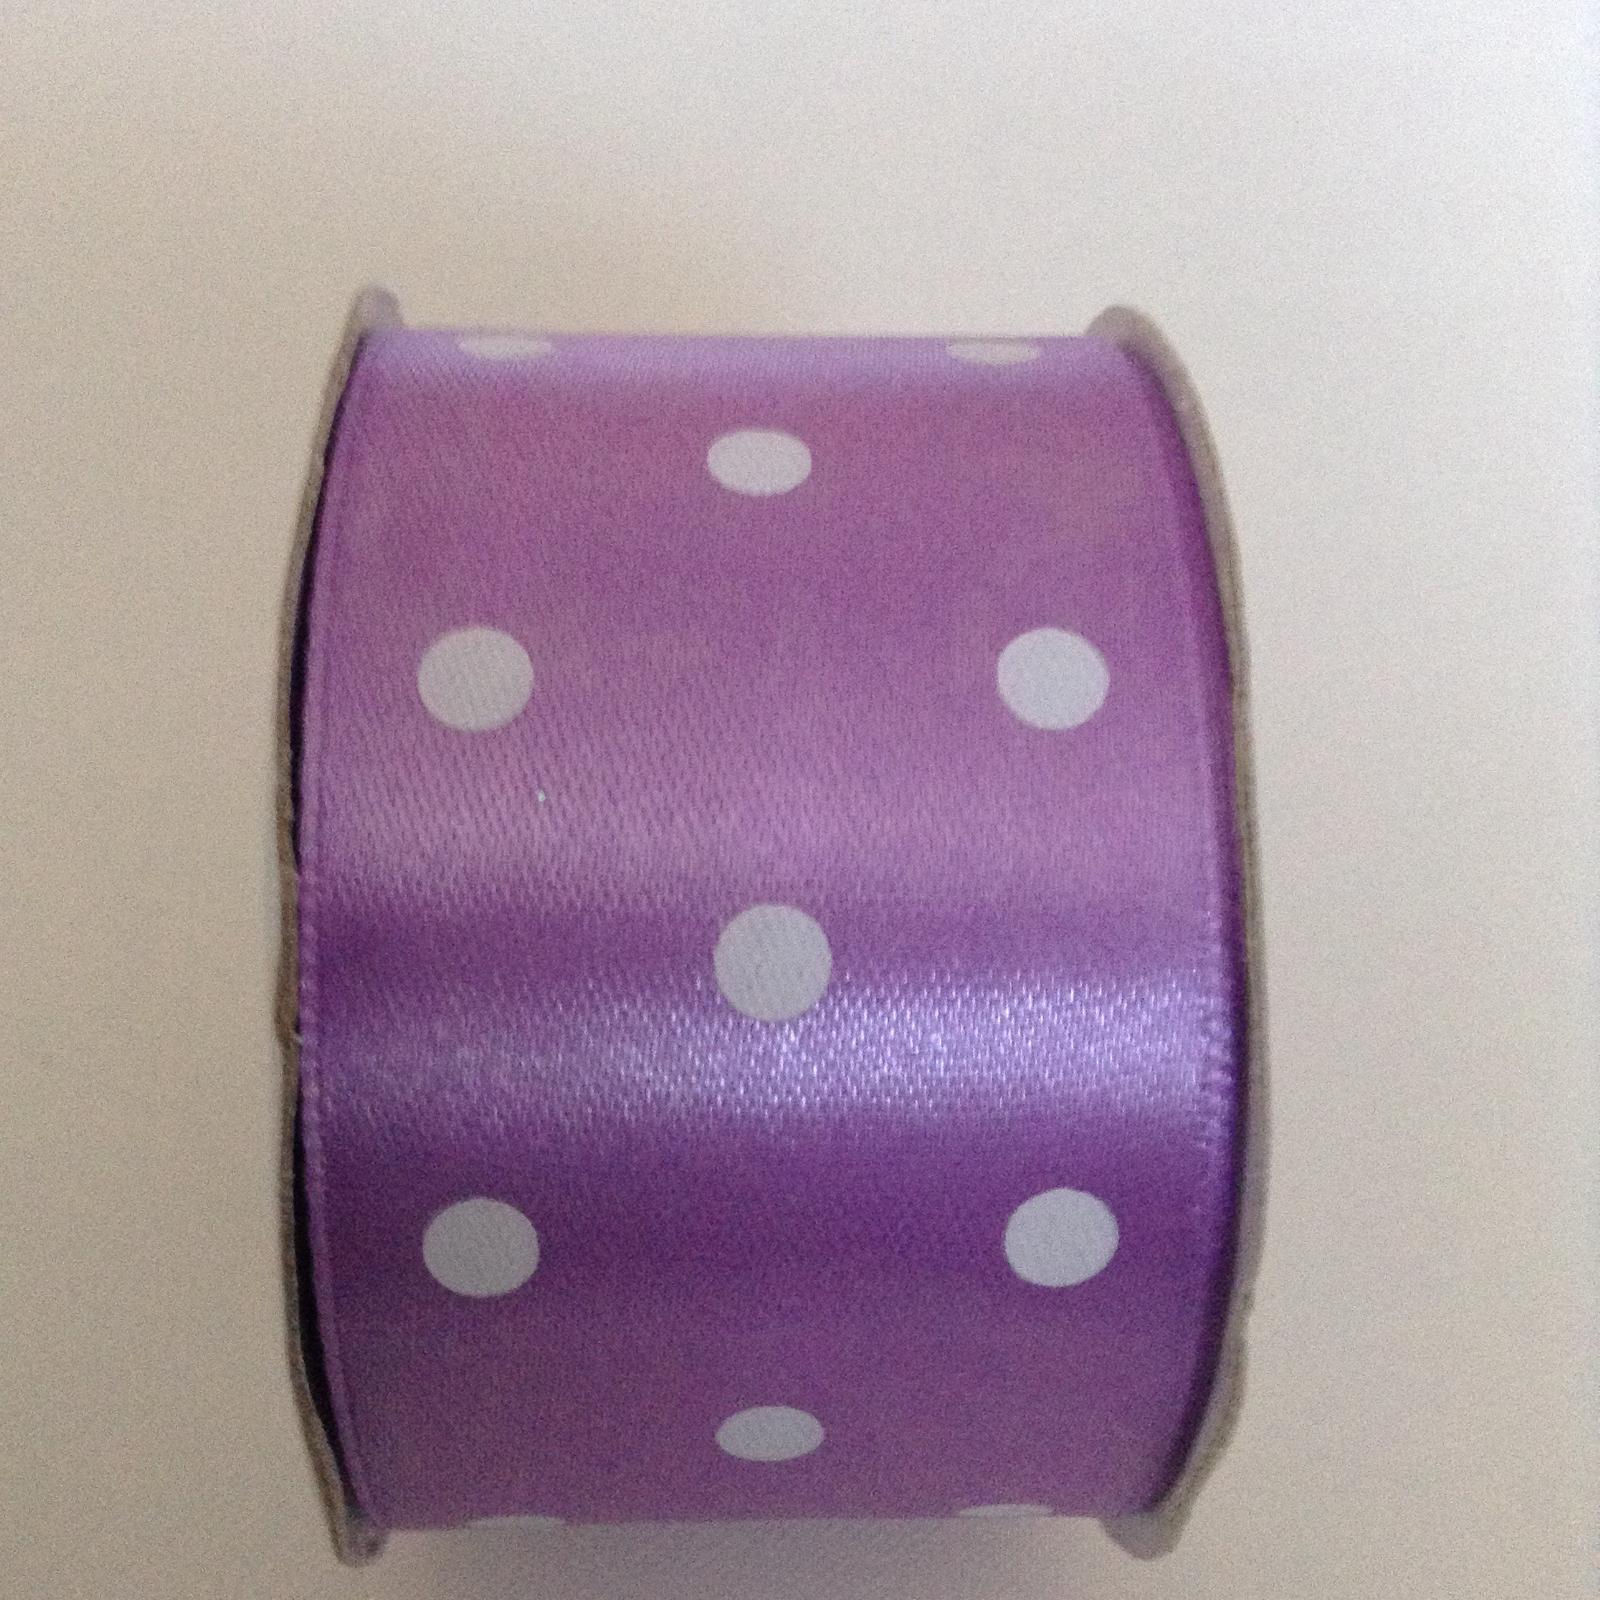 Saténová stuha fialová s bodkami - Obrázok č. 1